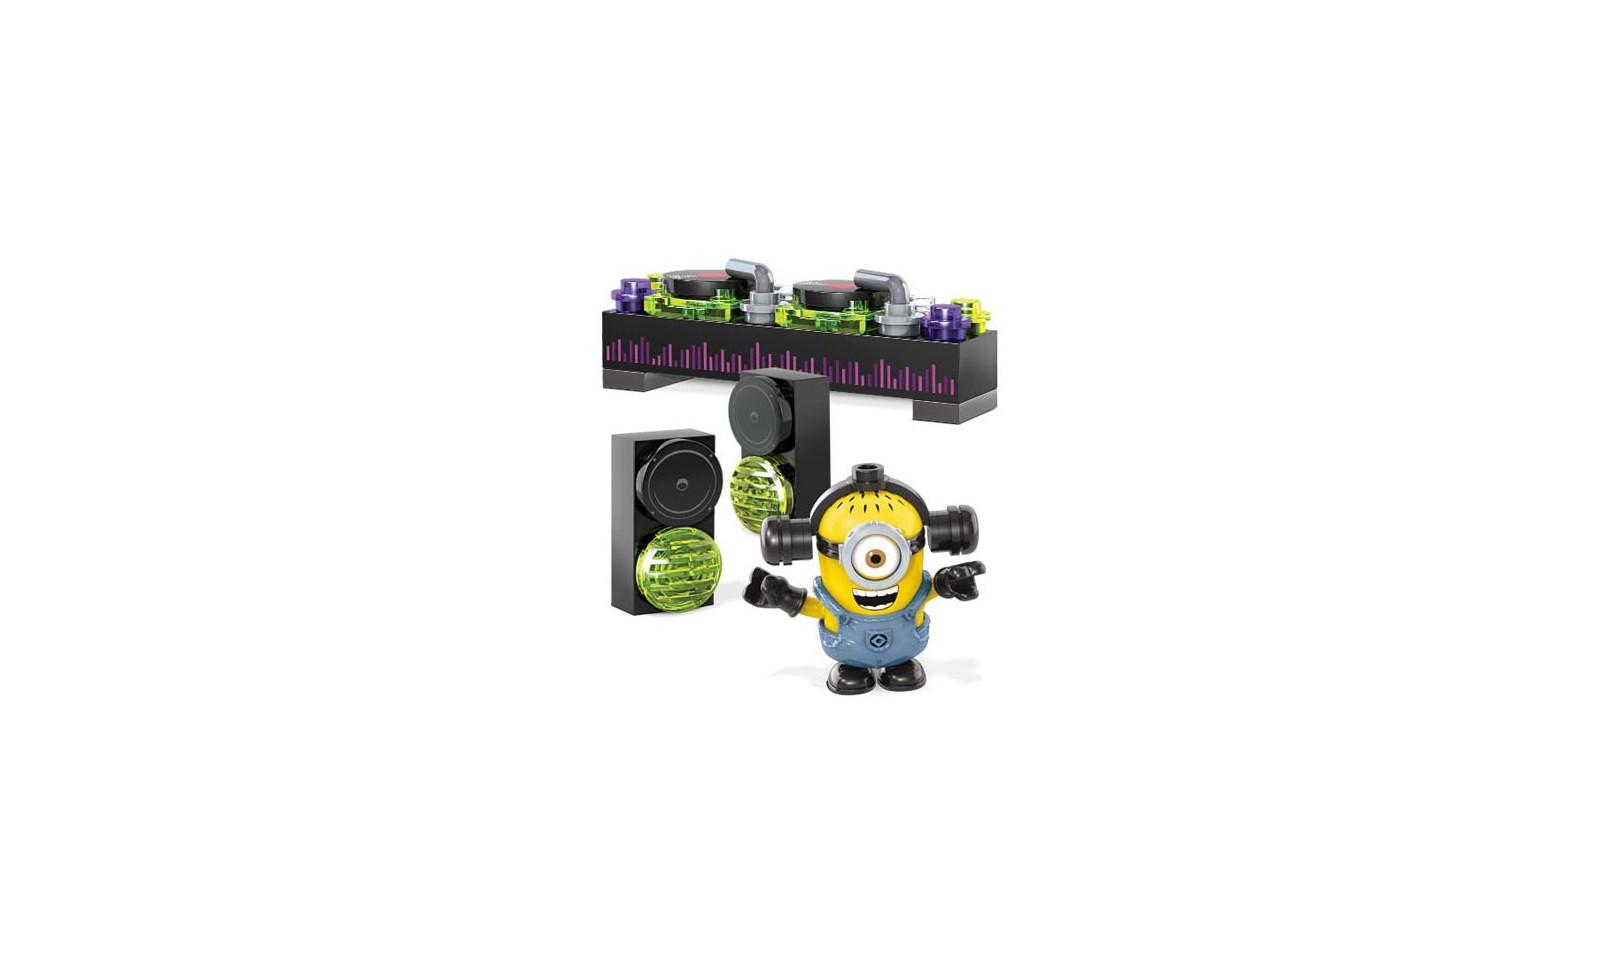 https://www.king-jouet.com/jeux-jouets/minions-jeux-construction/page1.htm